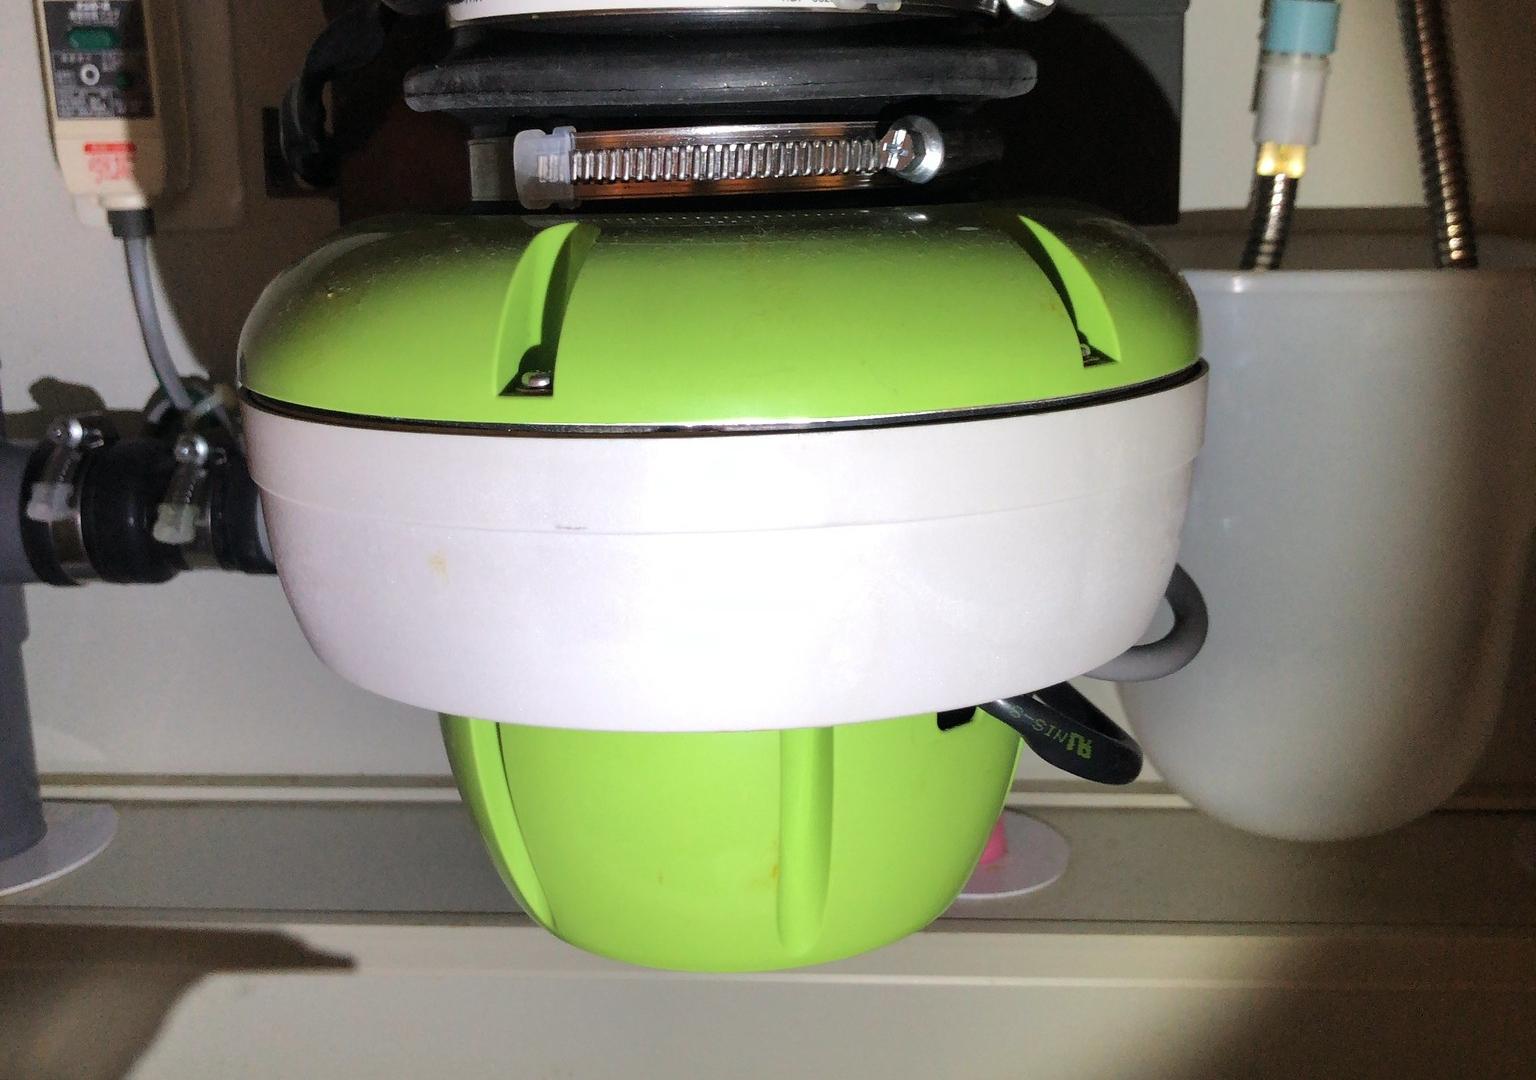 黄緑色のディスポーザー「minipo」が赤いランプが点滅して動かなくなった場合の対処方法